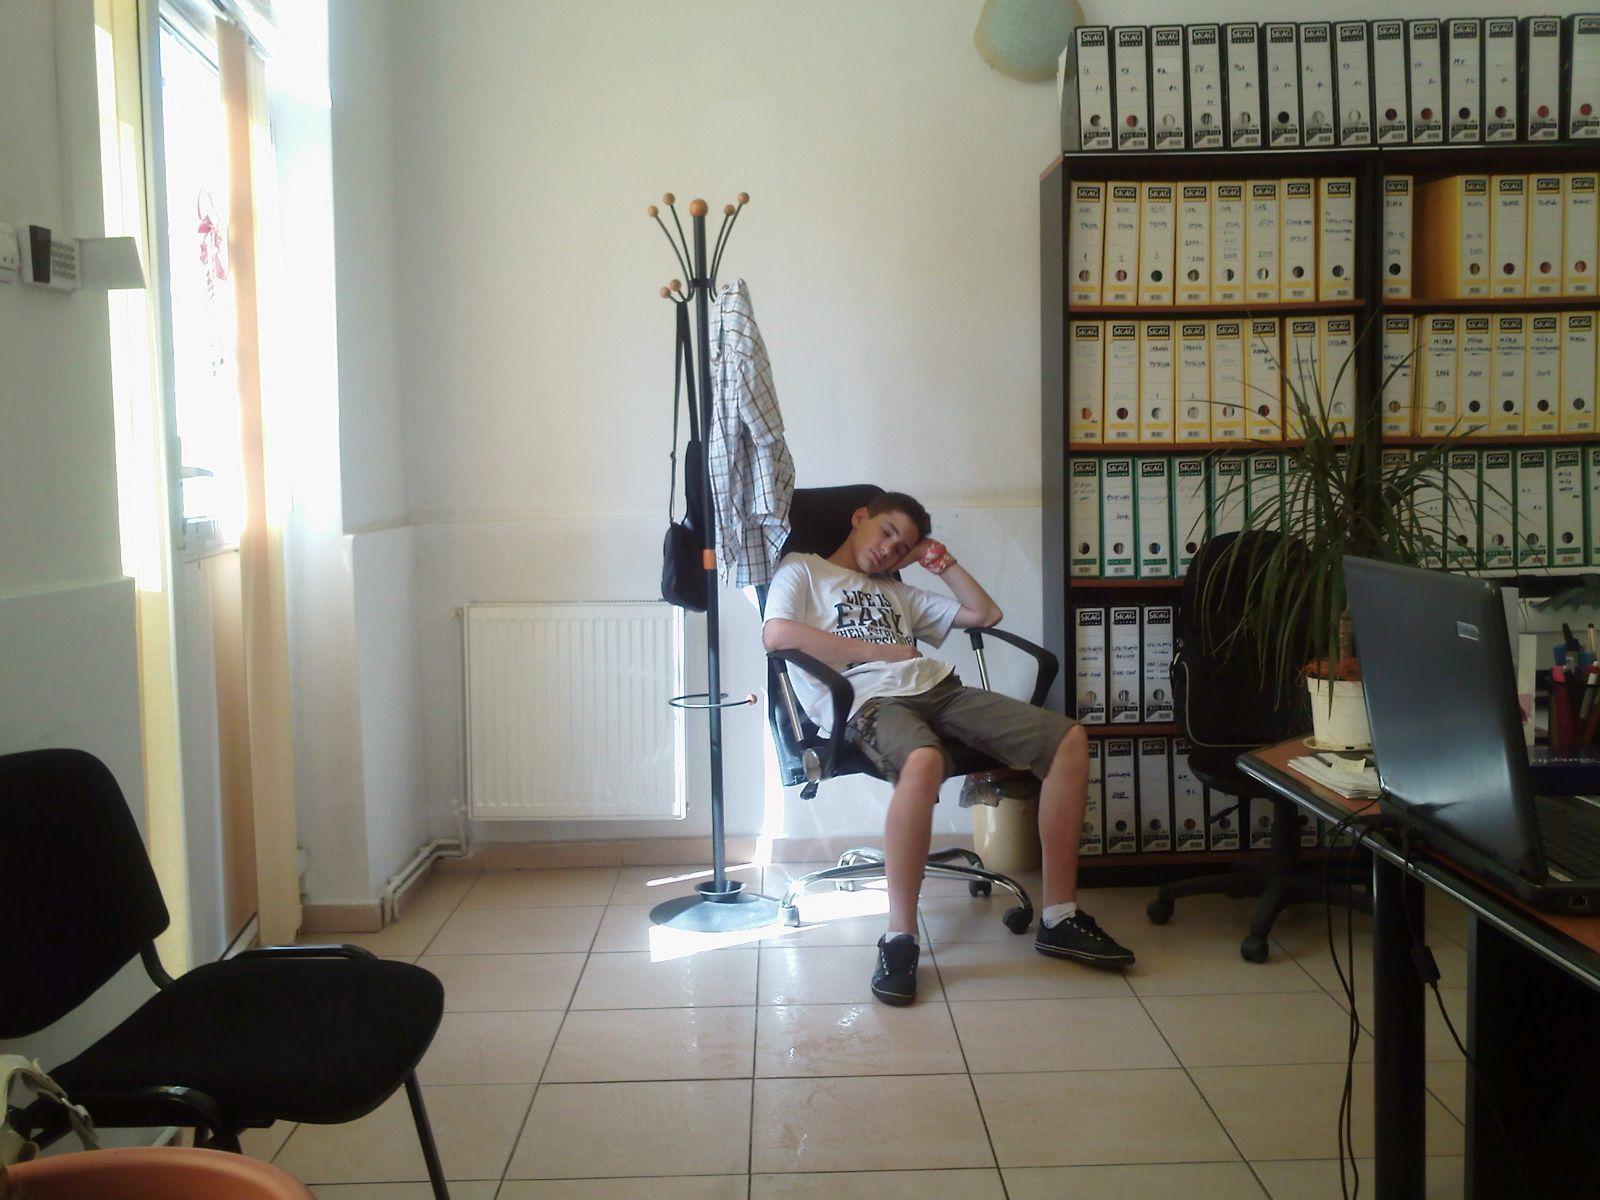 copilul asteptandu Si mama La biroul acesteia